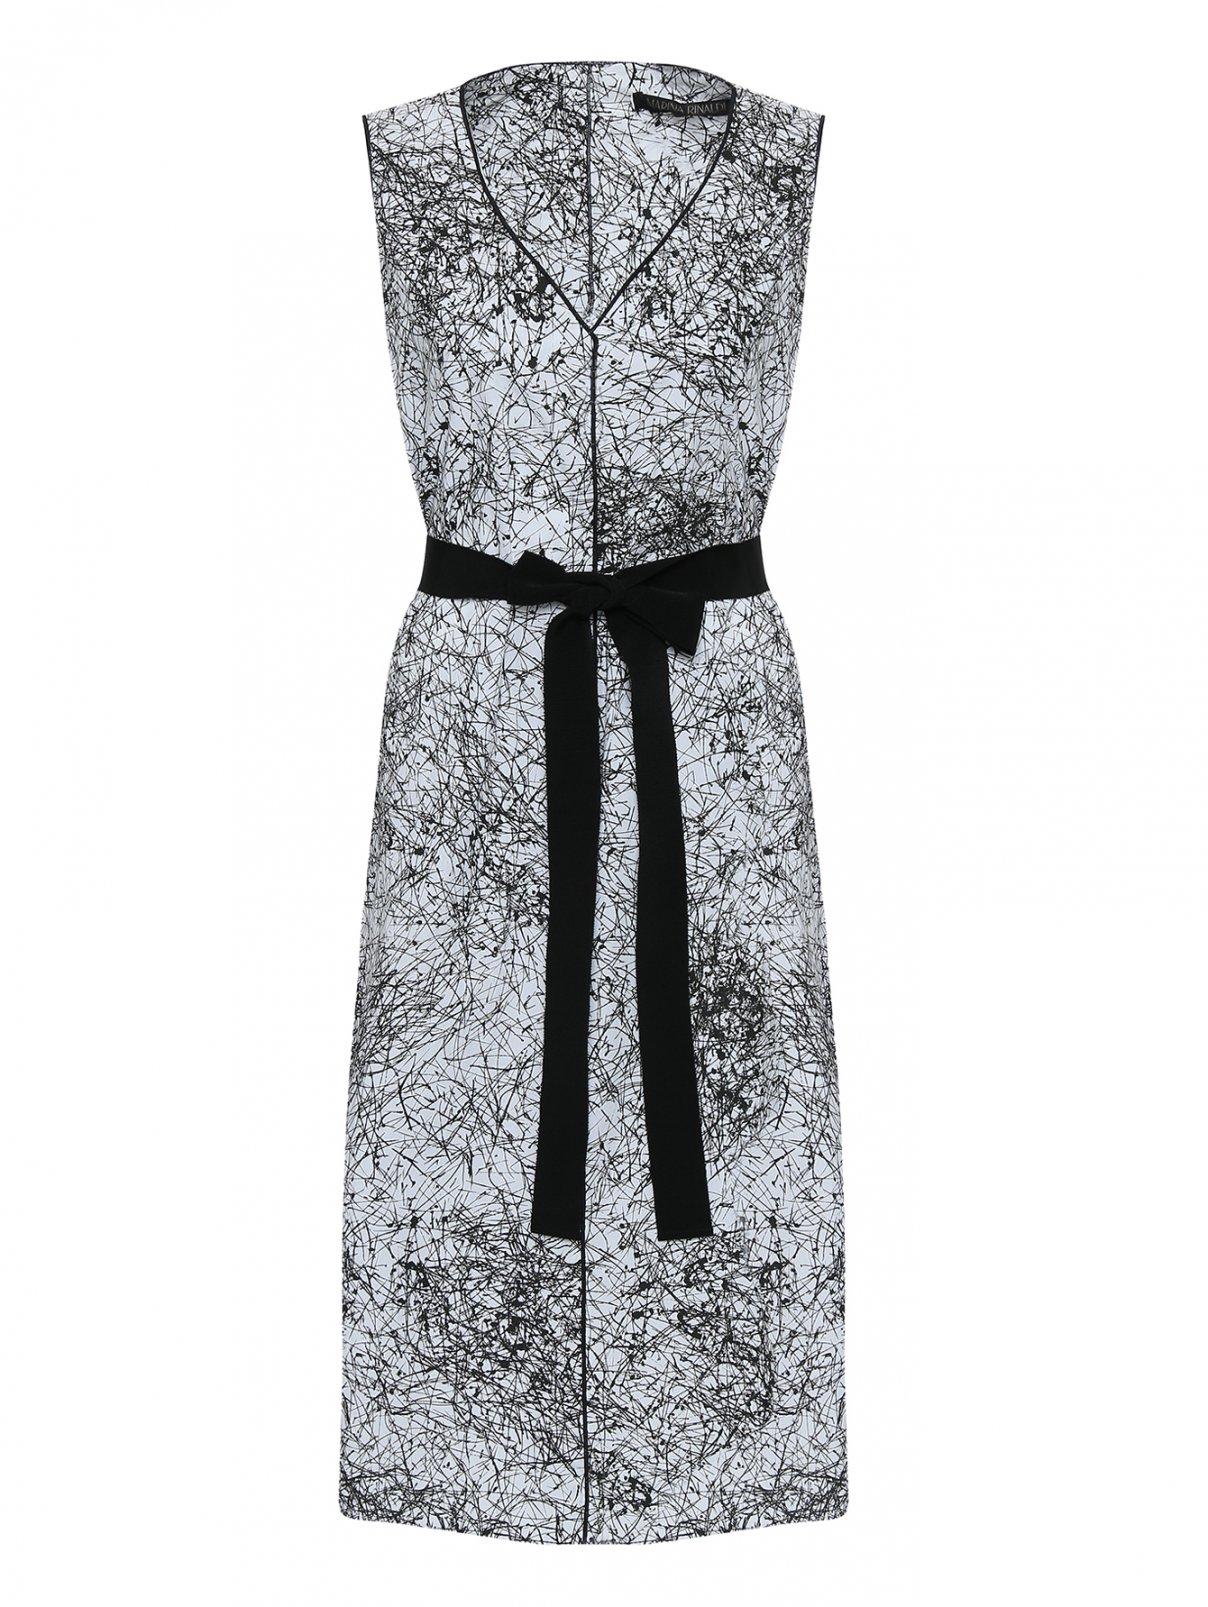 купить летнее платье прямого силуэта со скидкой